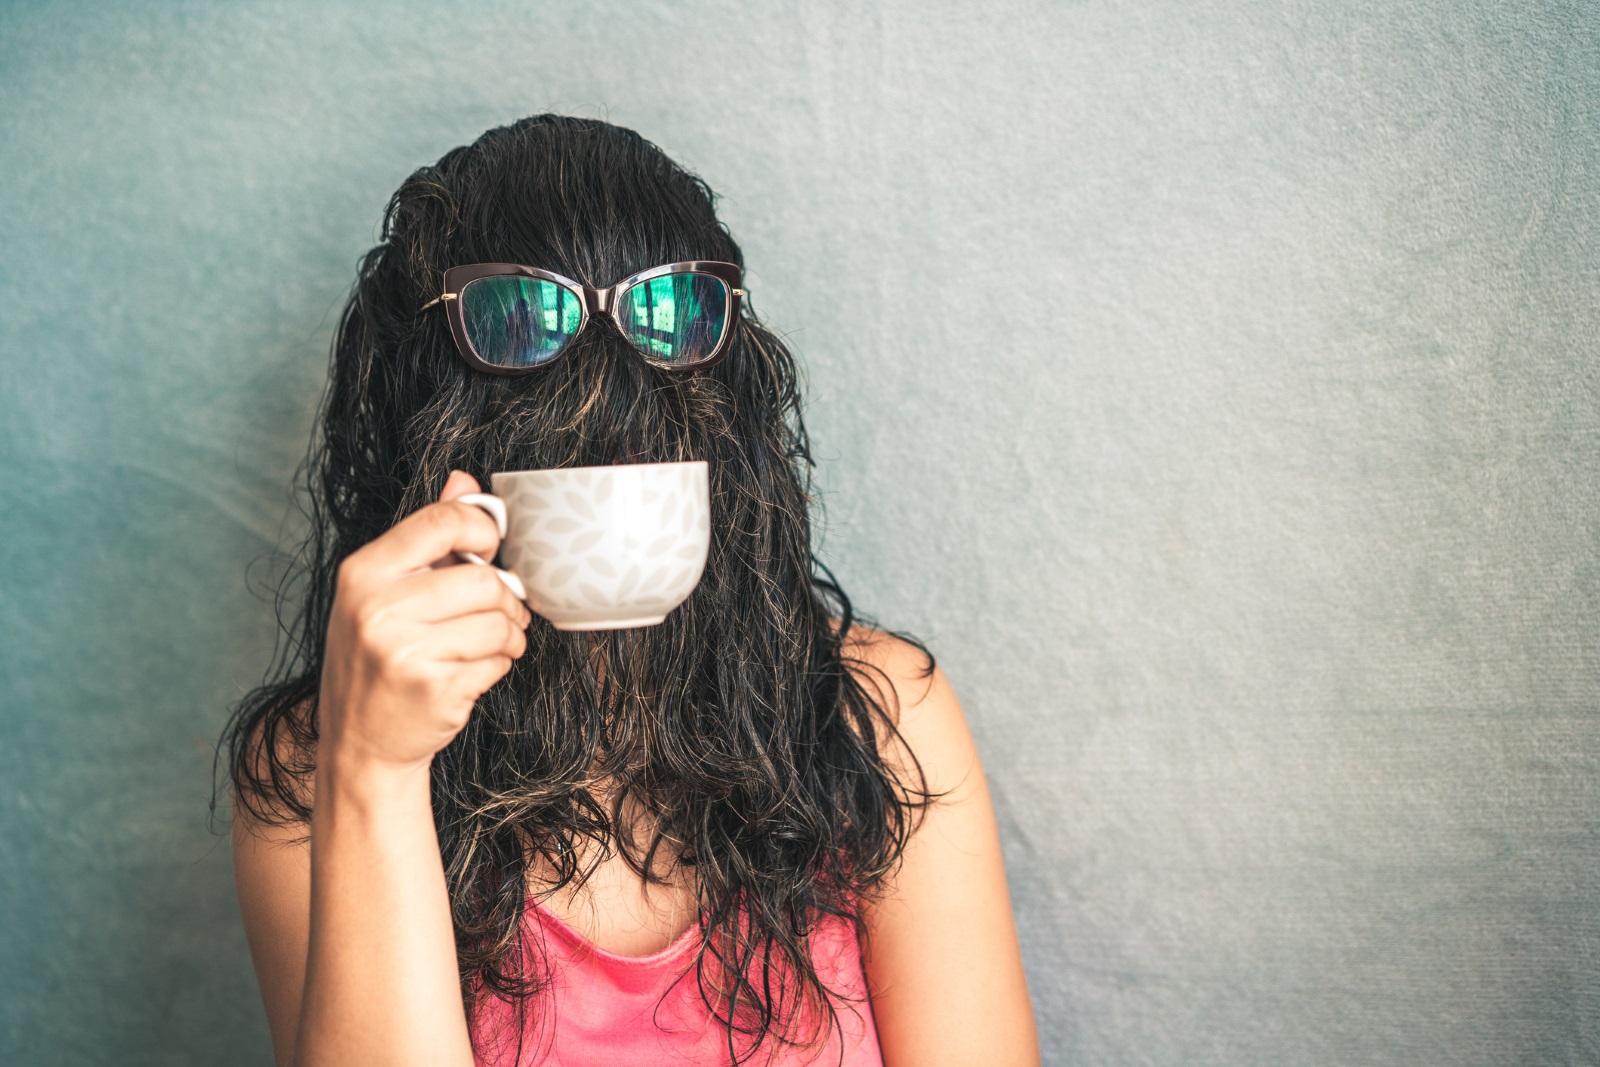 Маска за растеж на косата<br /> Смесвате 50 мл кафе със 100 мл хладка вода и прибавяте 1-2 с.л. разтопено кокосово масло. Изсипвате хомогенната смес в контейнерче с пръскалка и впръсквате равномерно в корените на косата, след което разресвате и по дължина.